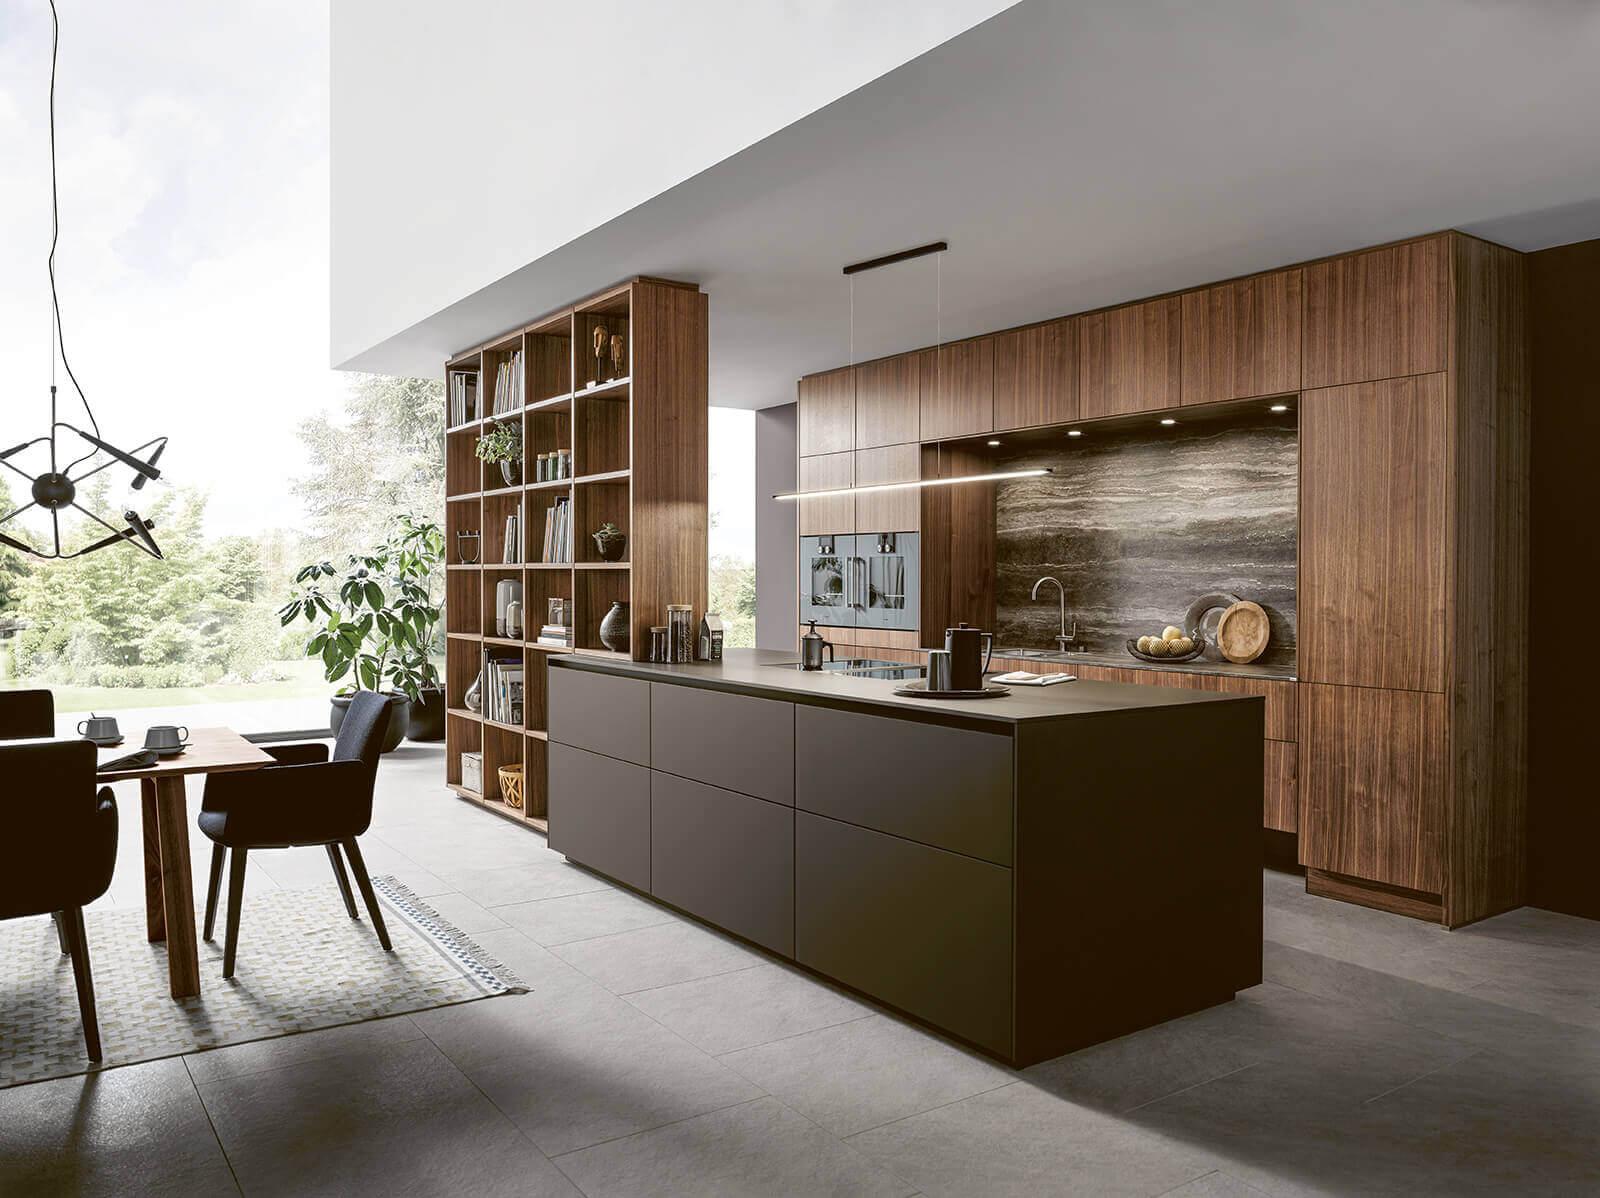 Marmer verwerkt in de keuken